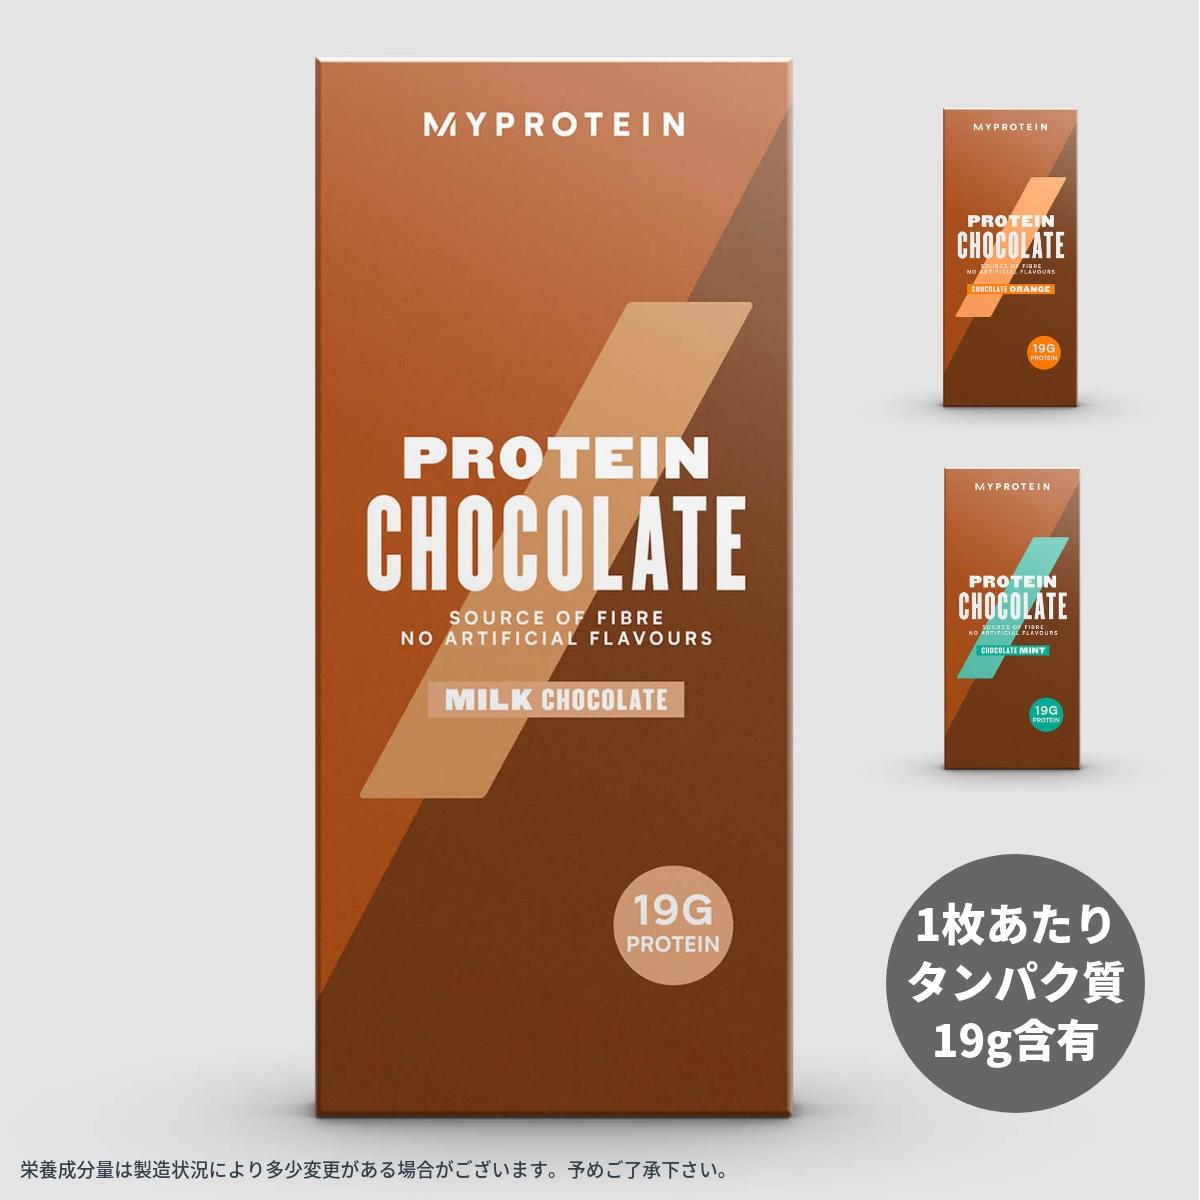 マイプロテイン 公式 【MyProtein】 プロテイン チョコレート| プロテインバー チョコ プロテインスナック 低糖質 糖質制限 低糖 高たんぱく ベジタリアン バニラ キャラメル ベイクドチョコ グラノーラ